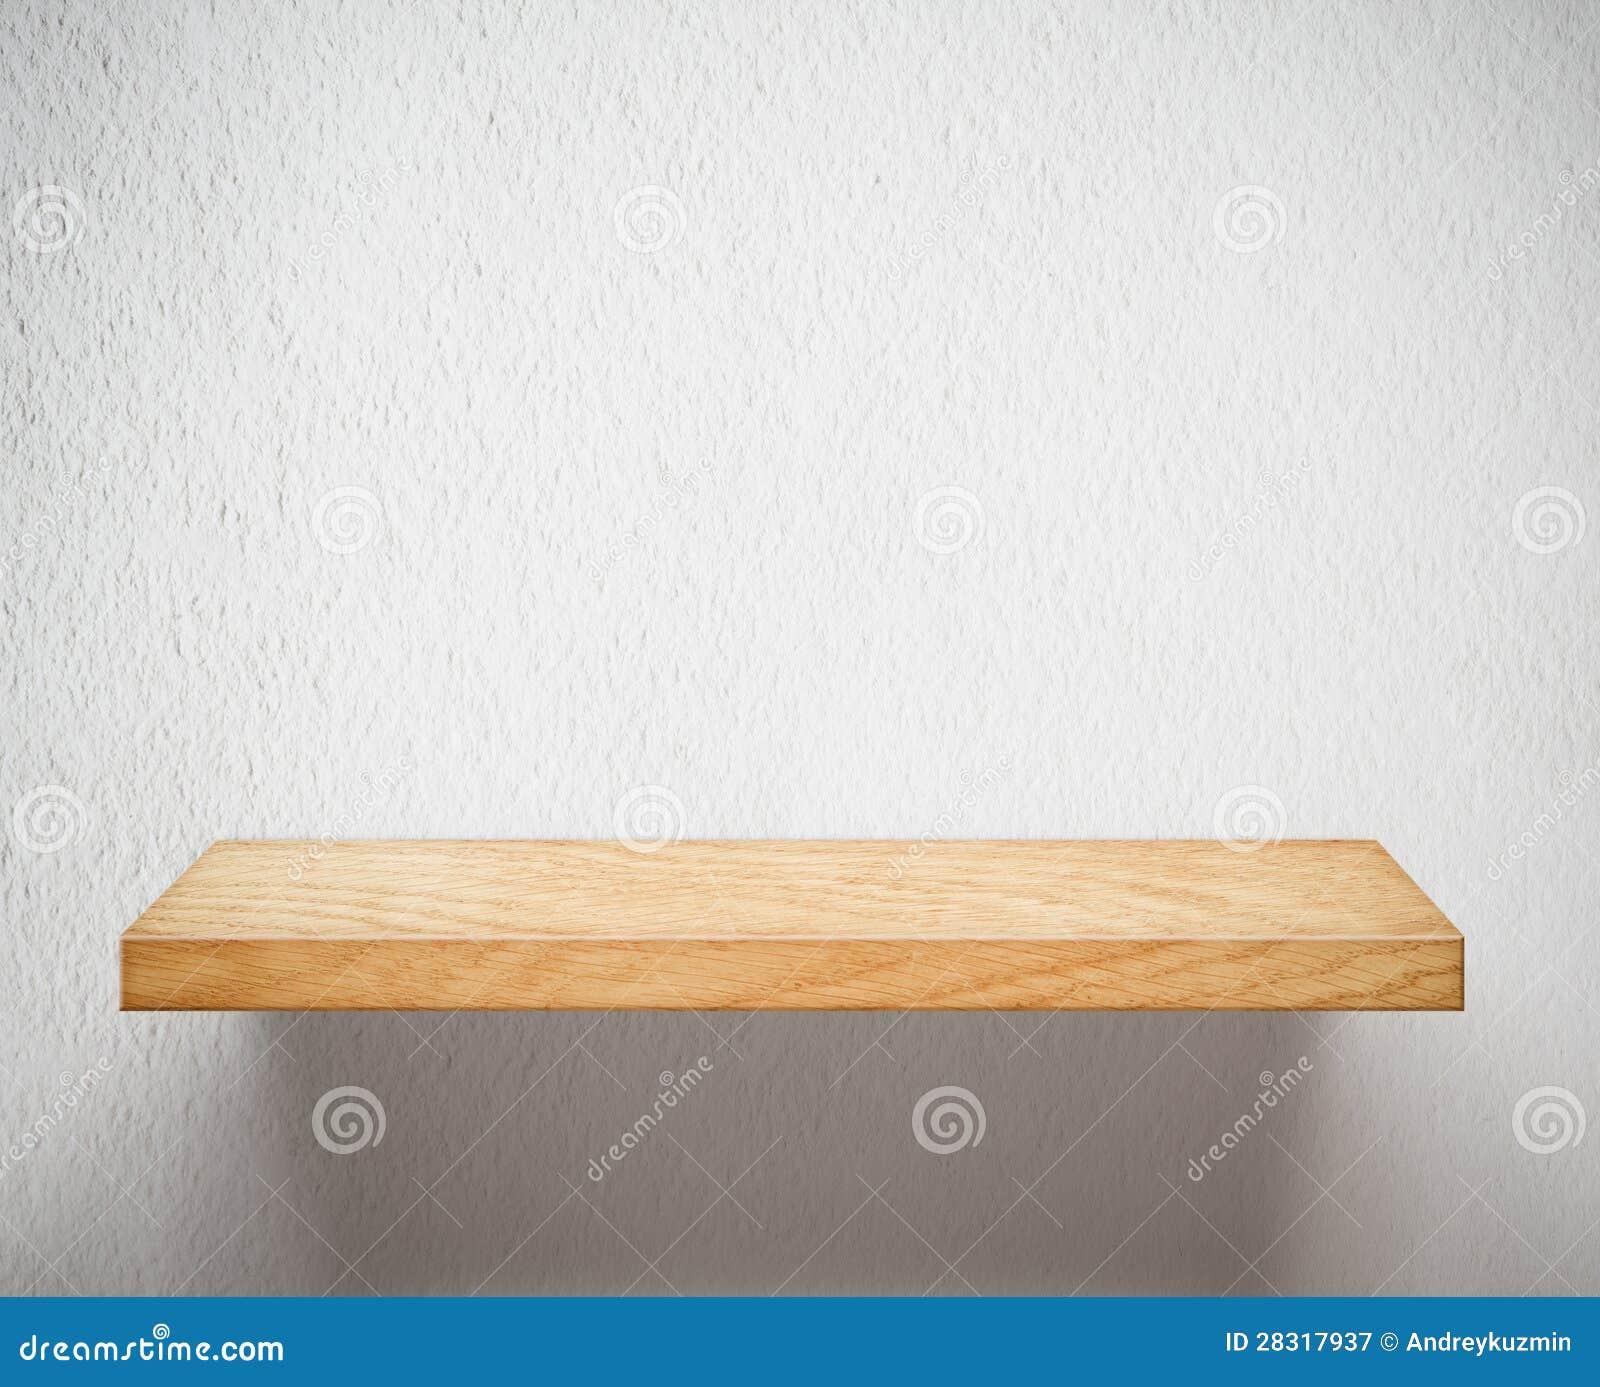 Houten Plank Voor Aan De Muur.Leeg Houten Plank Of Boekenrek Op Witte Muur Stock Afbeelding